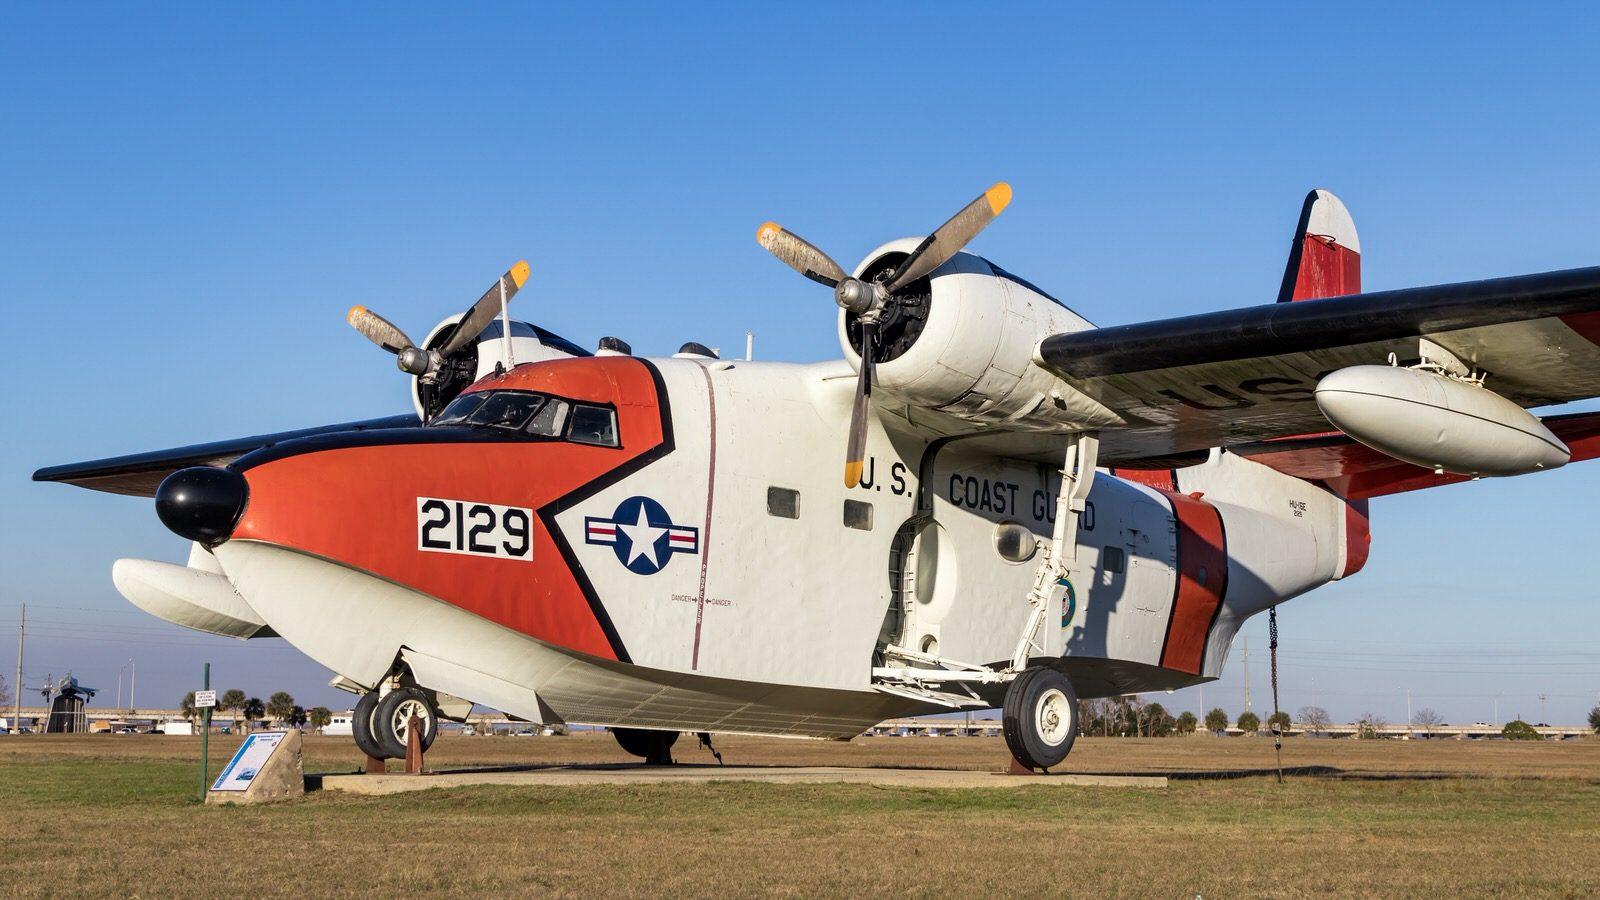 USCG HU-16 Albatross